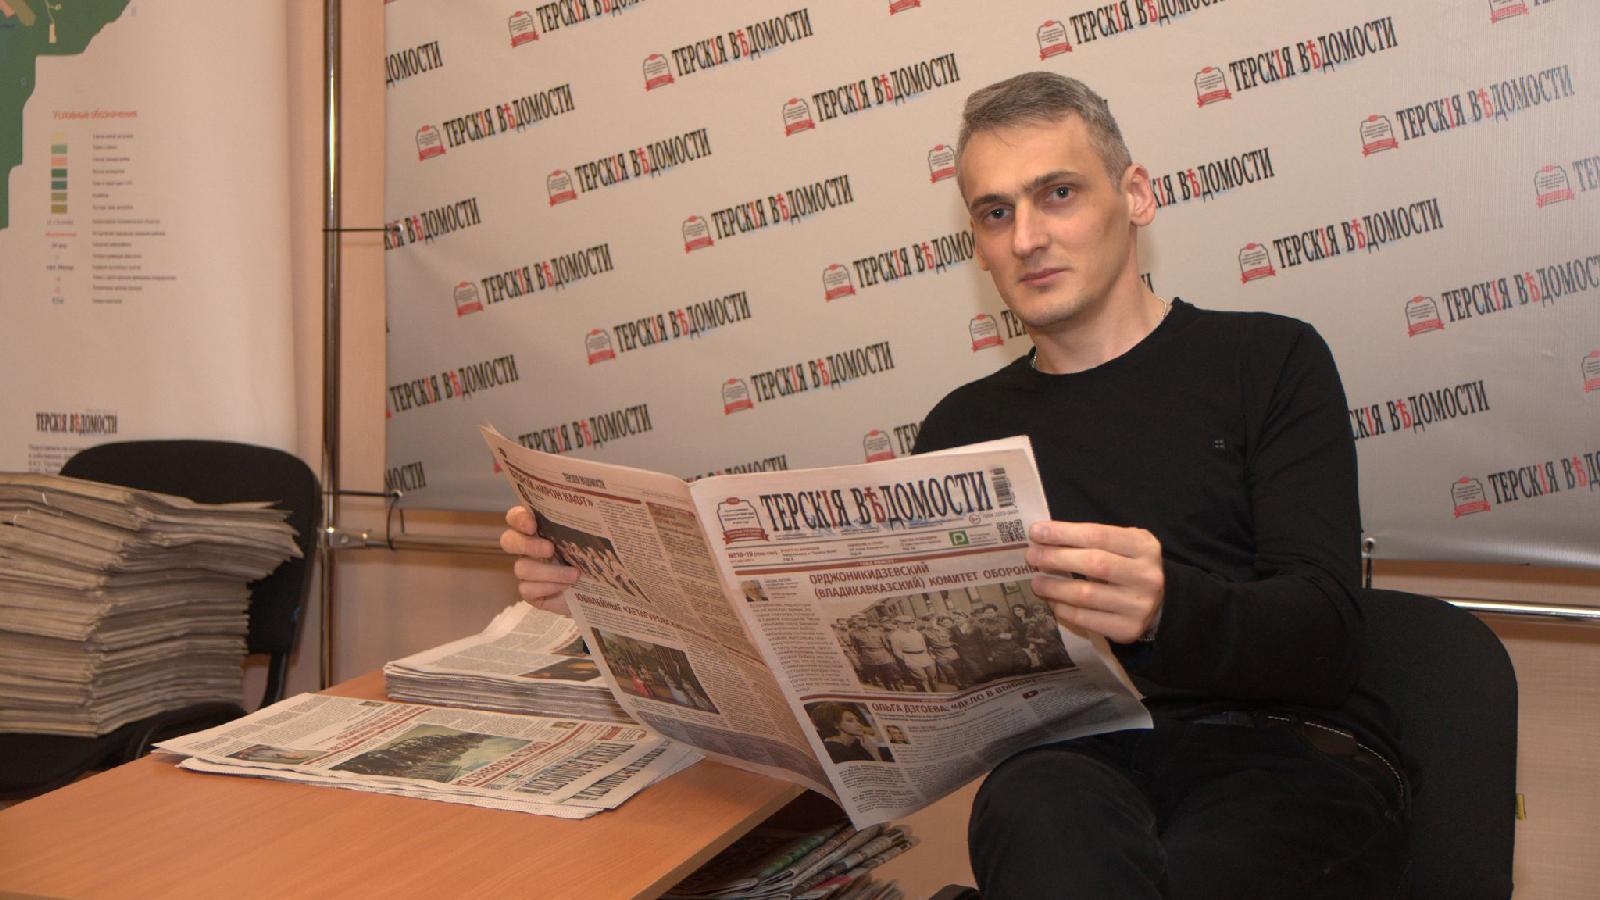 фаршированные газета объявления владикавказ последний номер информацию уже сейчас